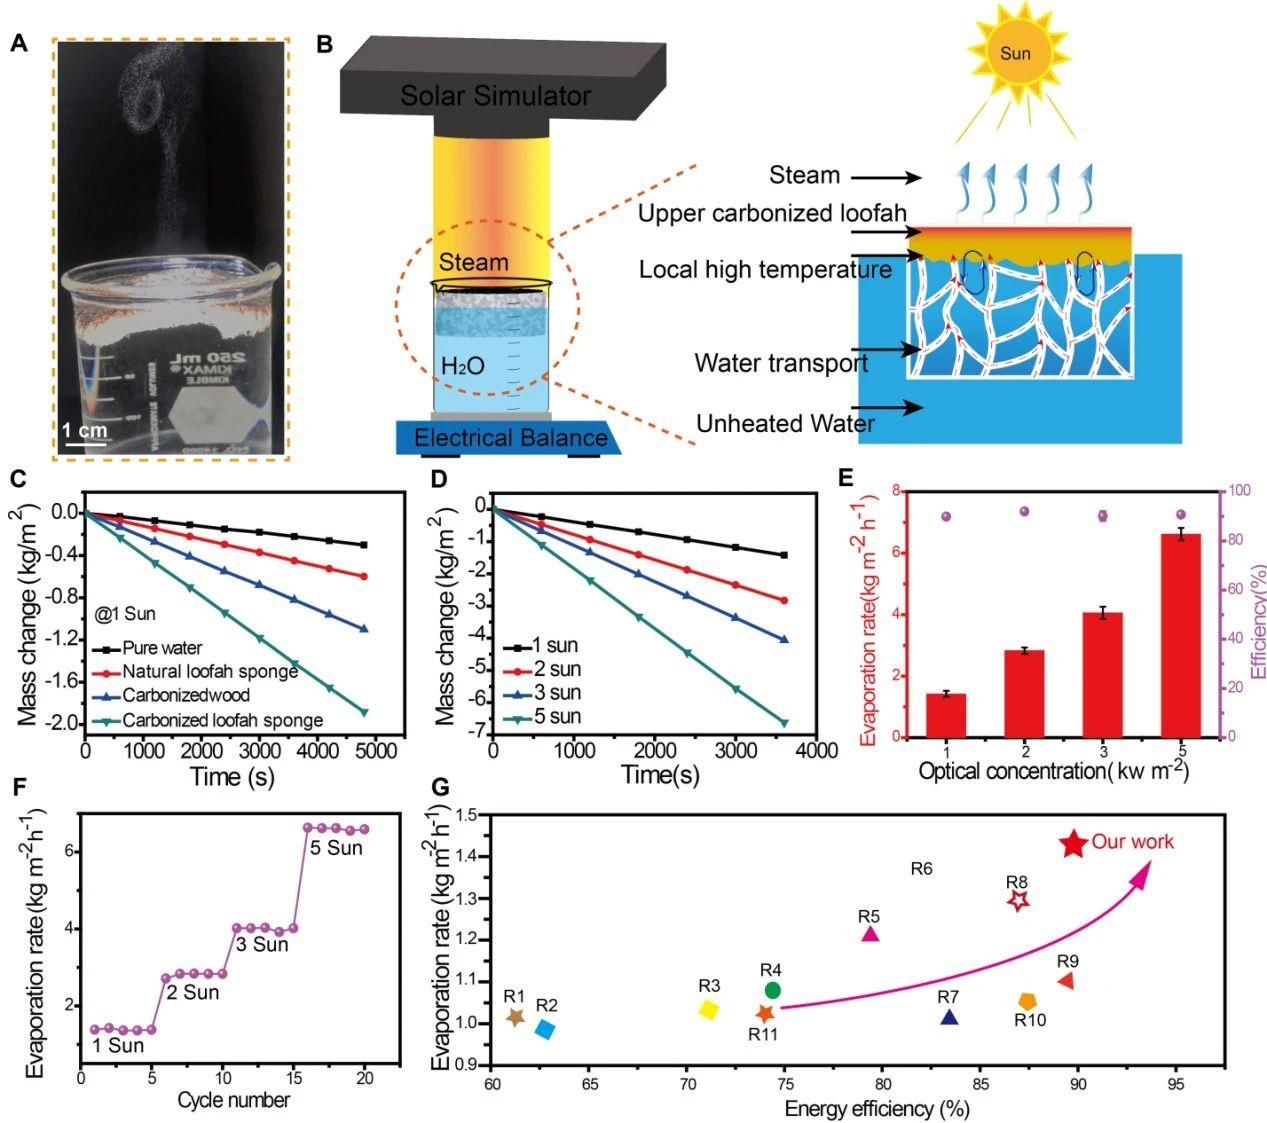 美国东北大学祝红丽教授团队《JMCA》:耐用、抗污的多孔丝瓜络用于高效太阳能淡化海水